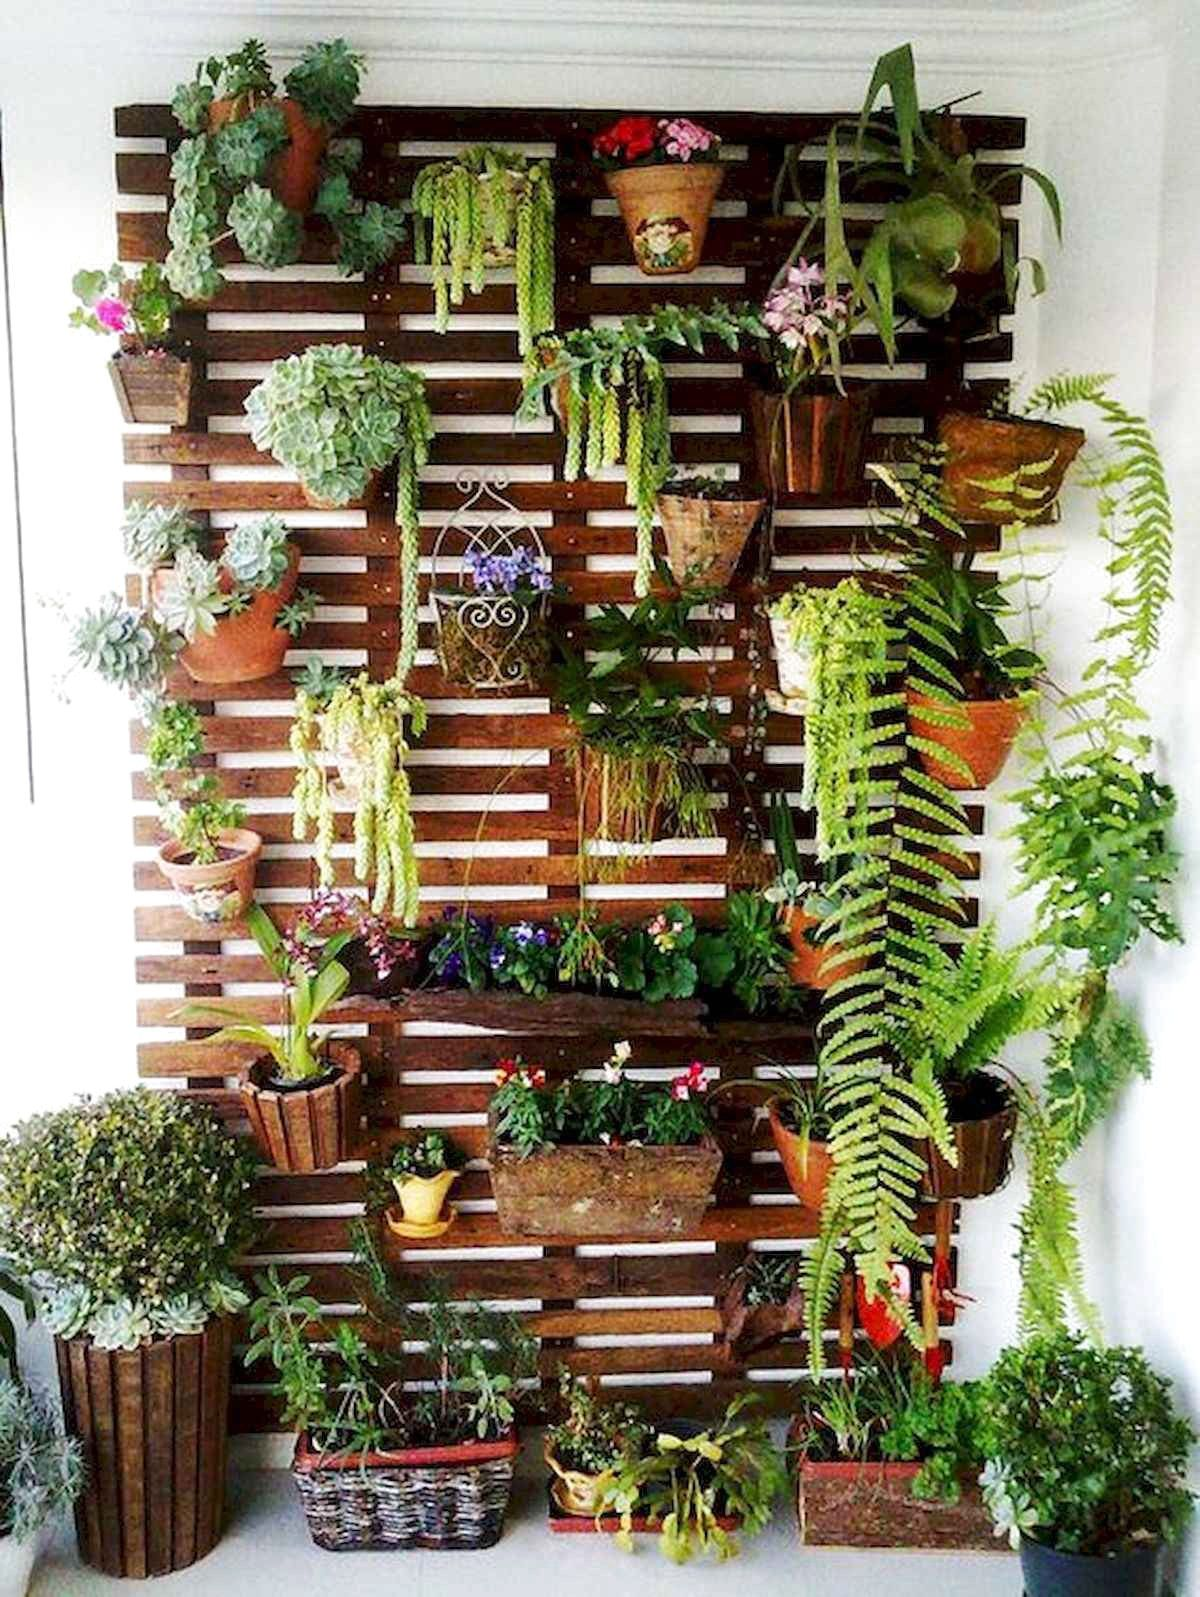 50 Inspiring Diy Projects Pallet Garden Design Ideas Vertical